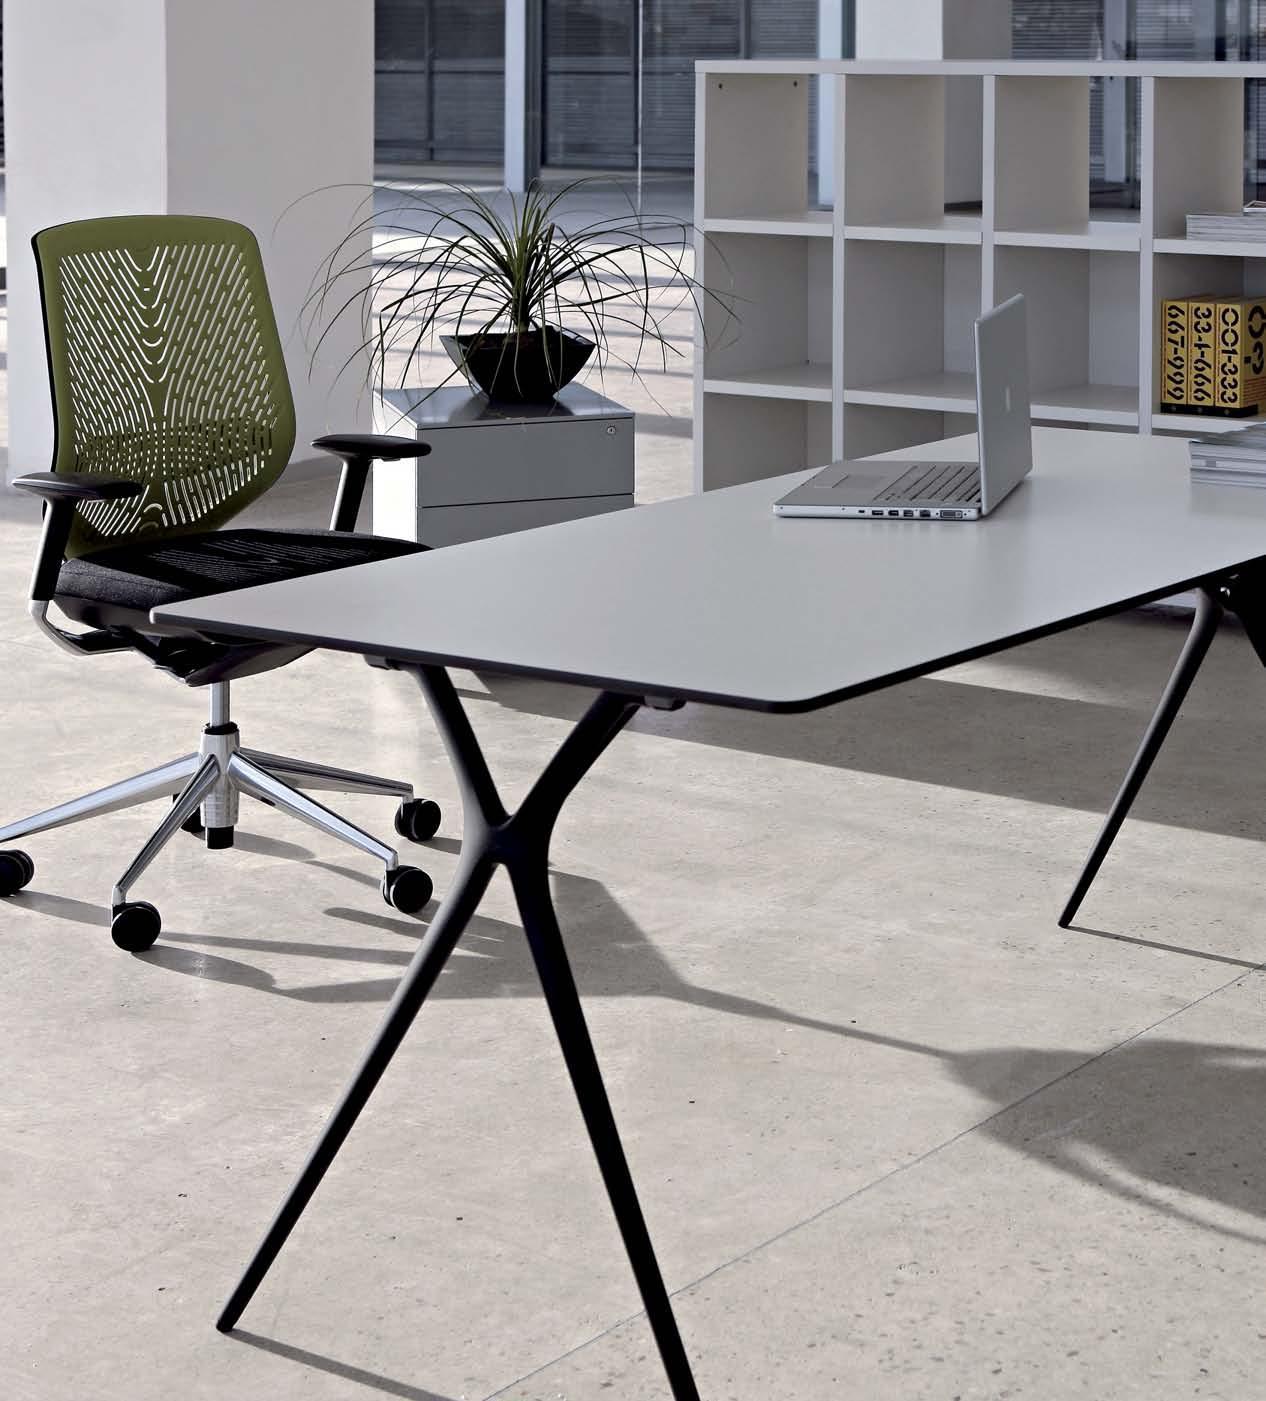 Büromöbel preiswert und schnell - Actiu PLEK